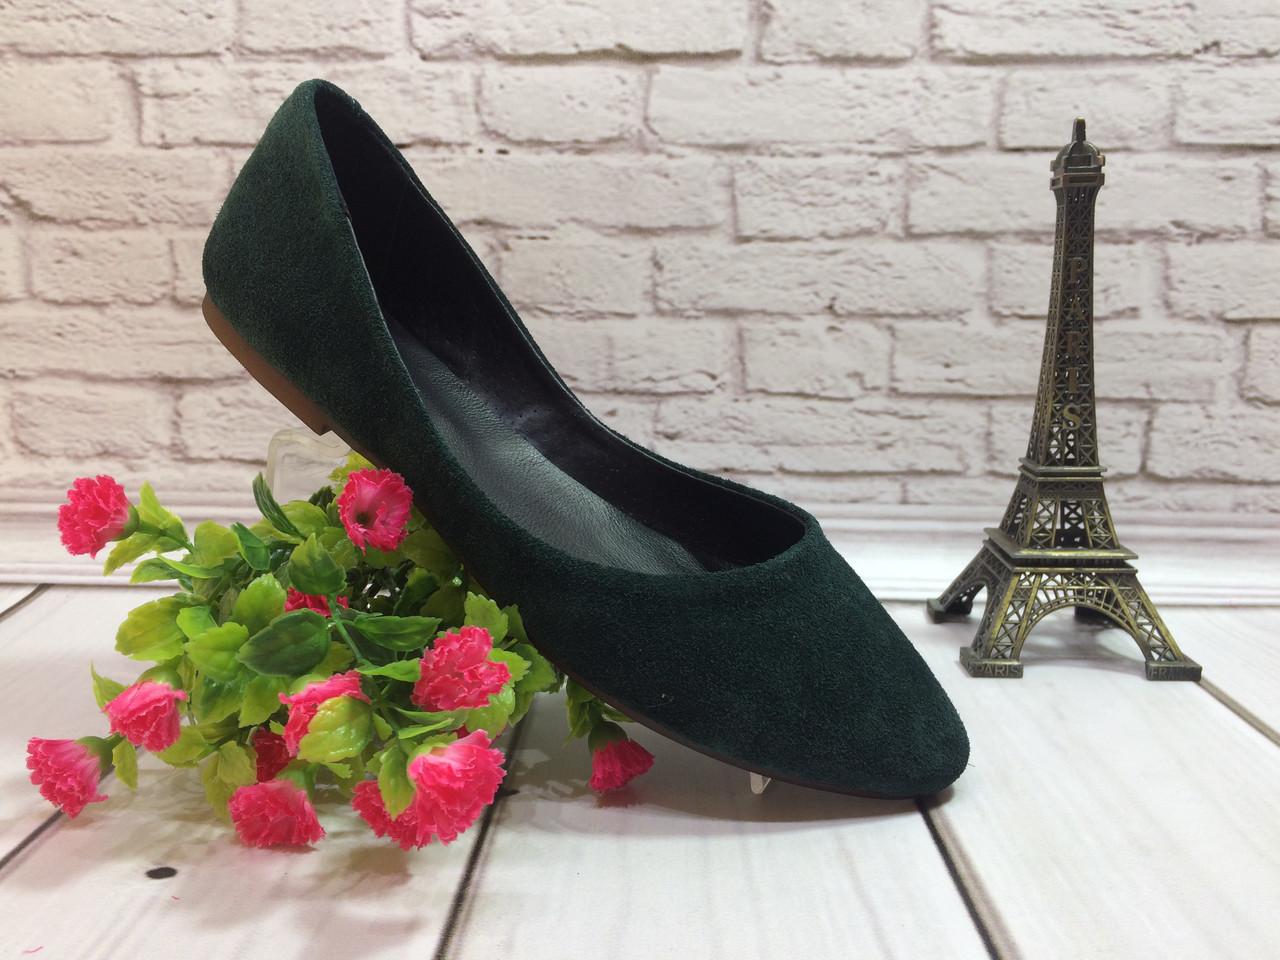 Класичні туфлі-балетки натуральна замша, колір зелений.